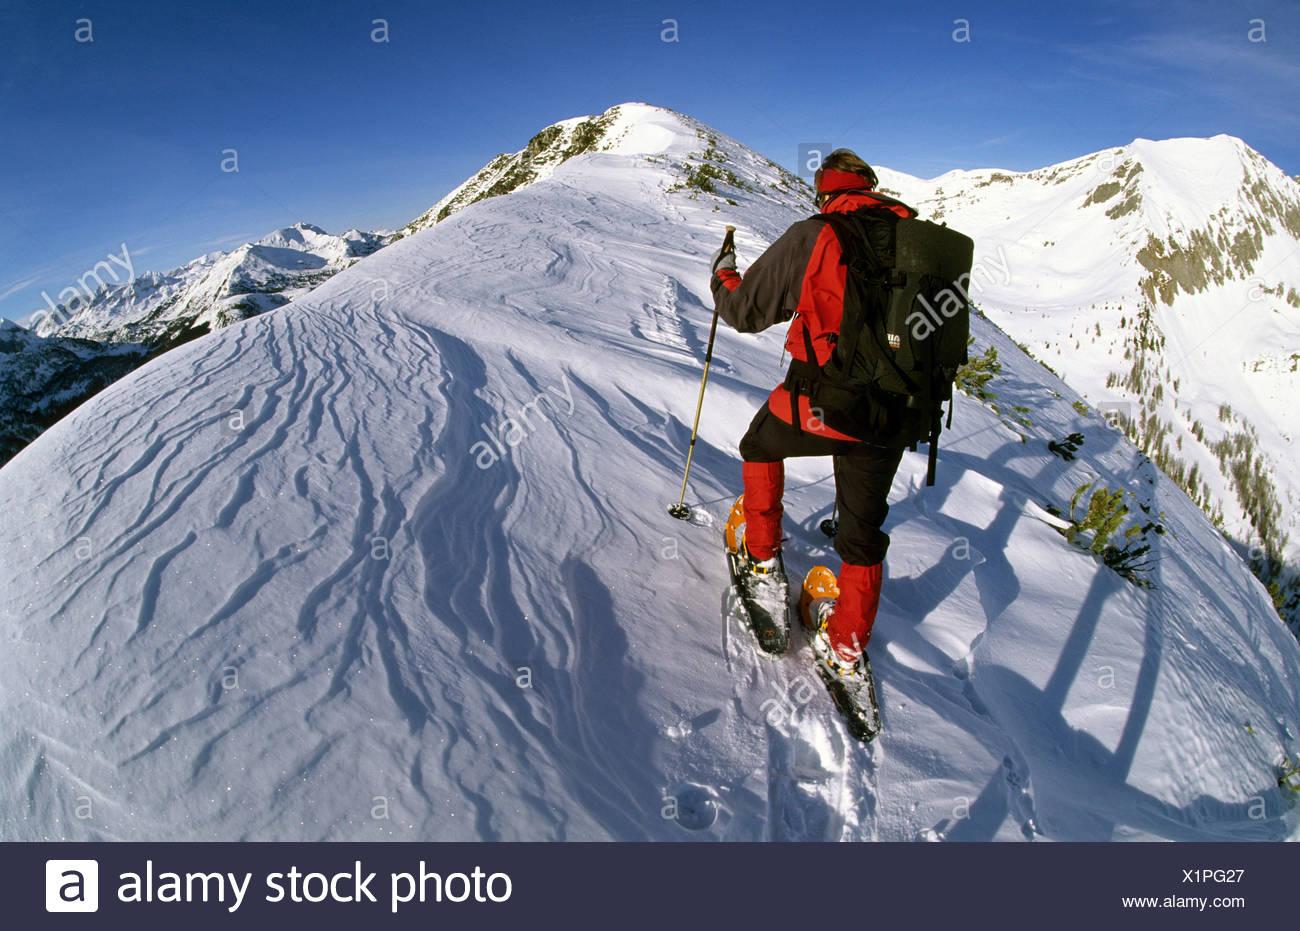 Woman in snowshoes on the summit chine of Mt. Spirzing, 2066m, Suedwiener Hut, Radstaedter Tauern Range, Salzburg, Austria - Stock Image